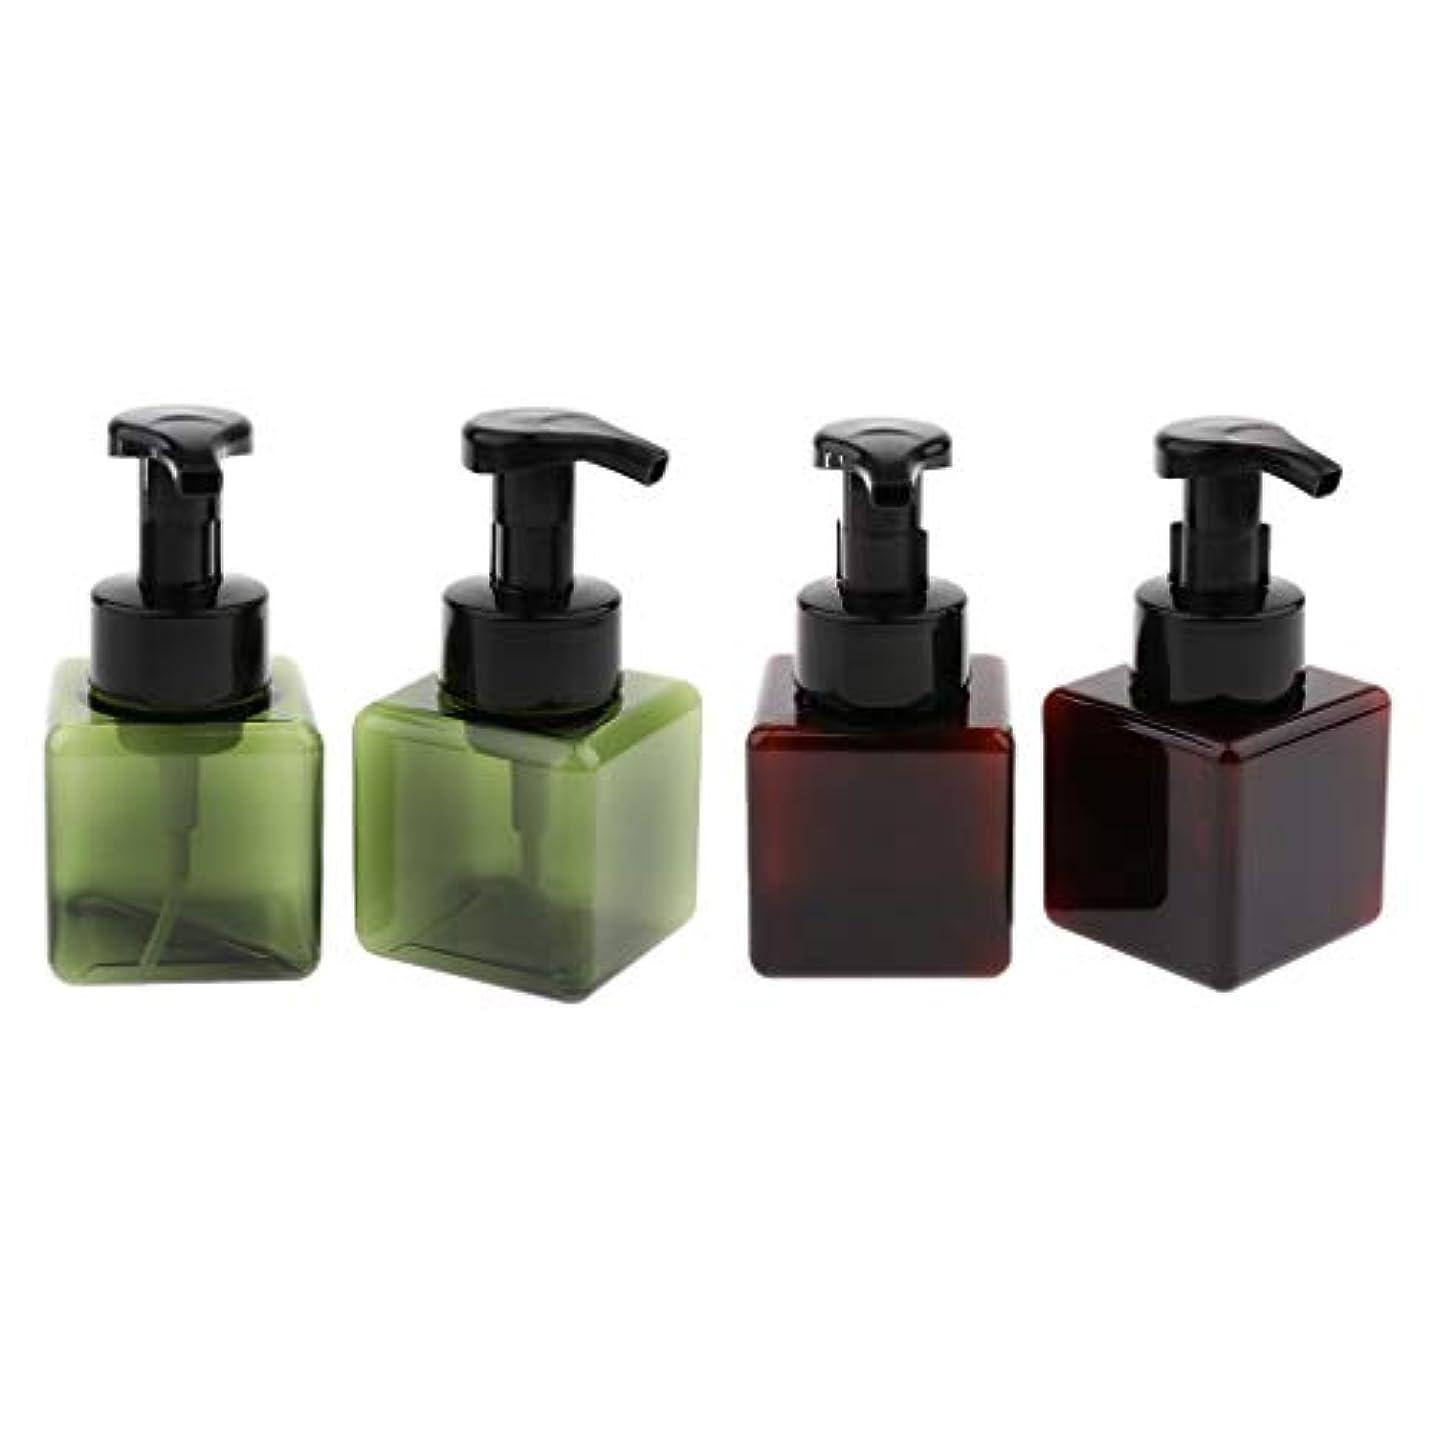 発音するグレー驚かす小分けボトル 泡ポンプボトル 詰め替え容器 ディスペンサー スクエア 再利用可 250ml 4個 全5色 - ダークグリーン+ブラウン